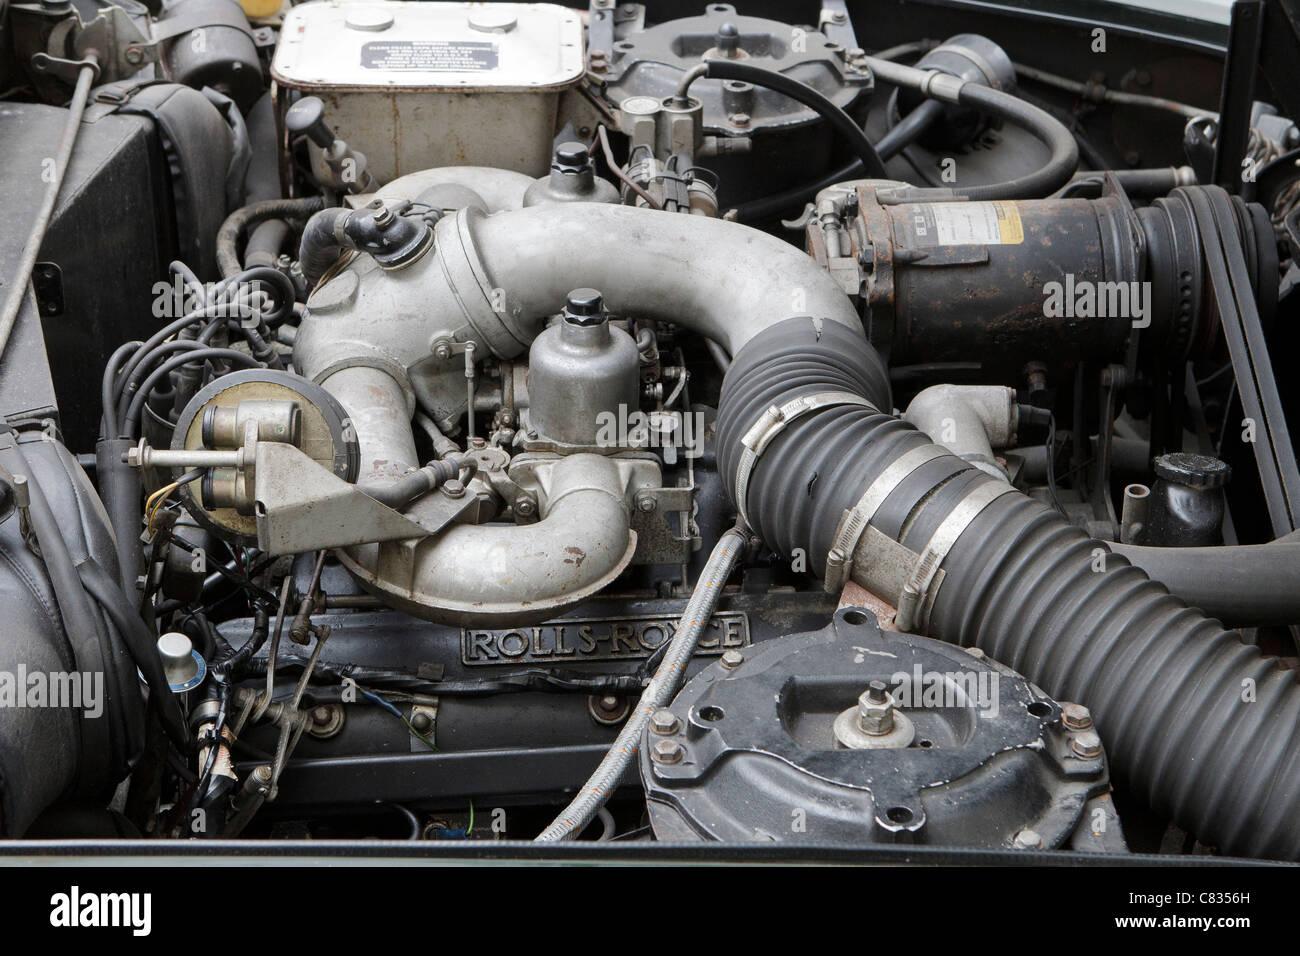 1980 T2 bentley motor car rolls royce engine - Stock Image